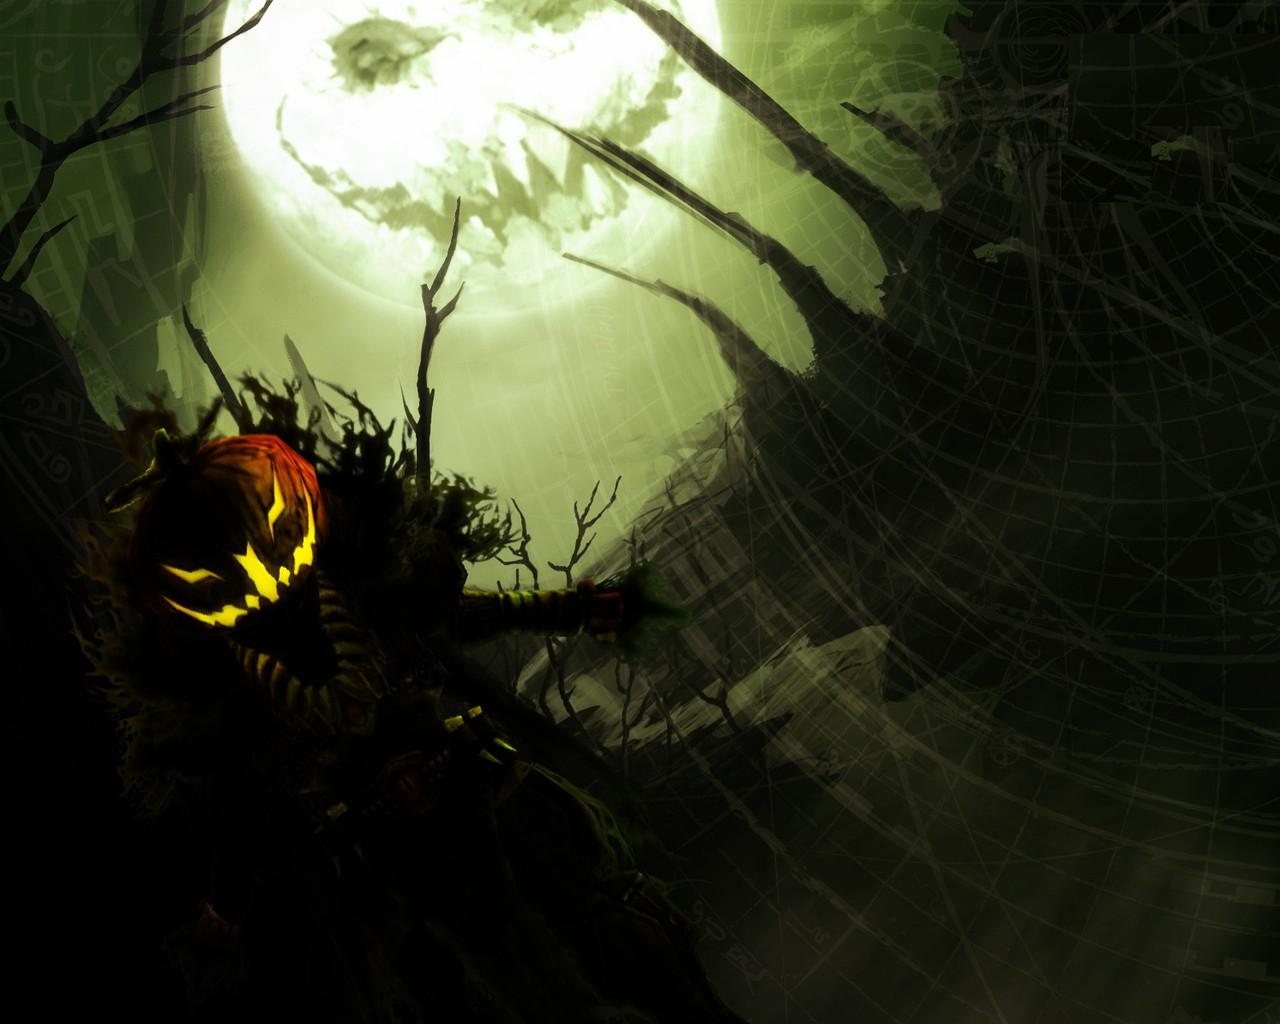 http://1.bp.blogspot.com/_JM1YqvDwkM0/TM3ACHQ20jI/AAAAAAAAAOI/c3ATvPEGE1k/s1600/pumpkin_halloween_1280x1024.jpg